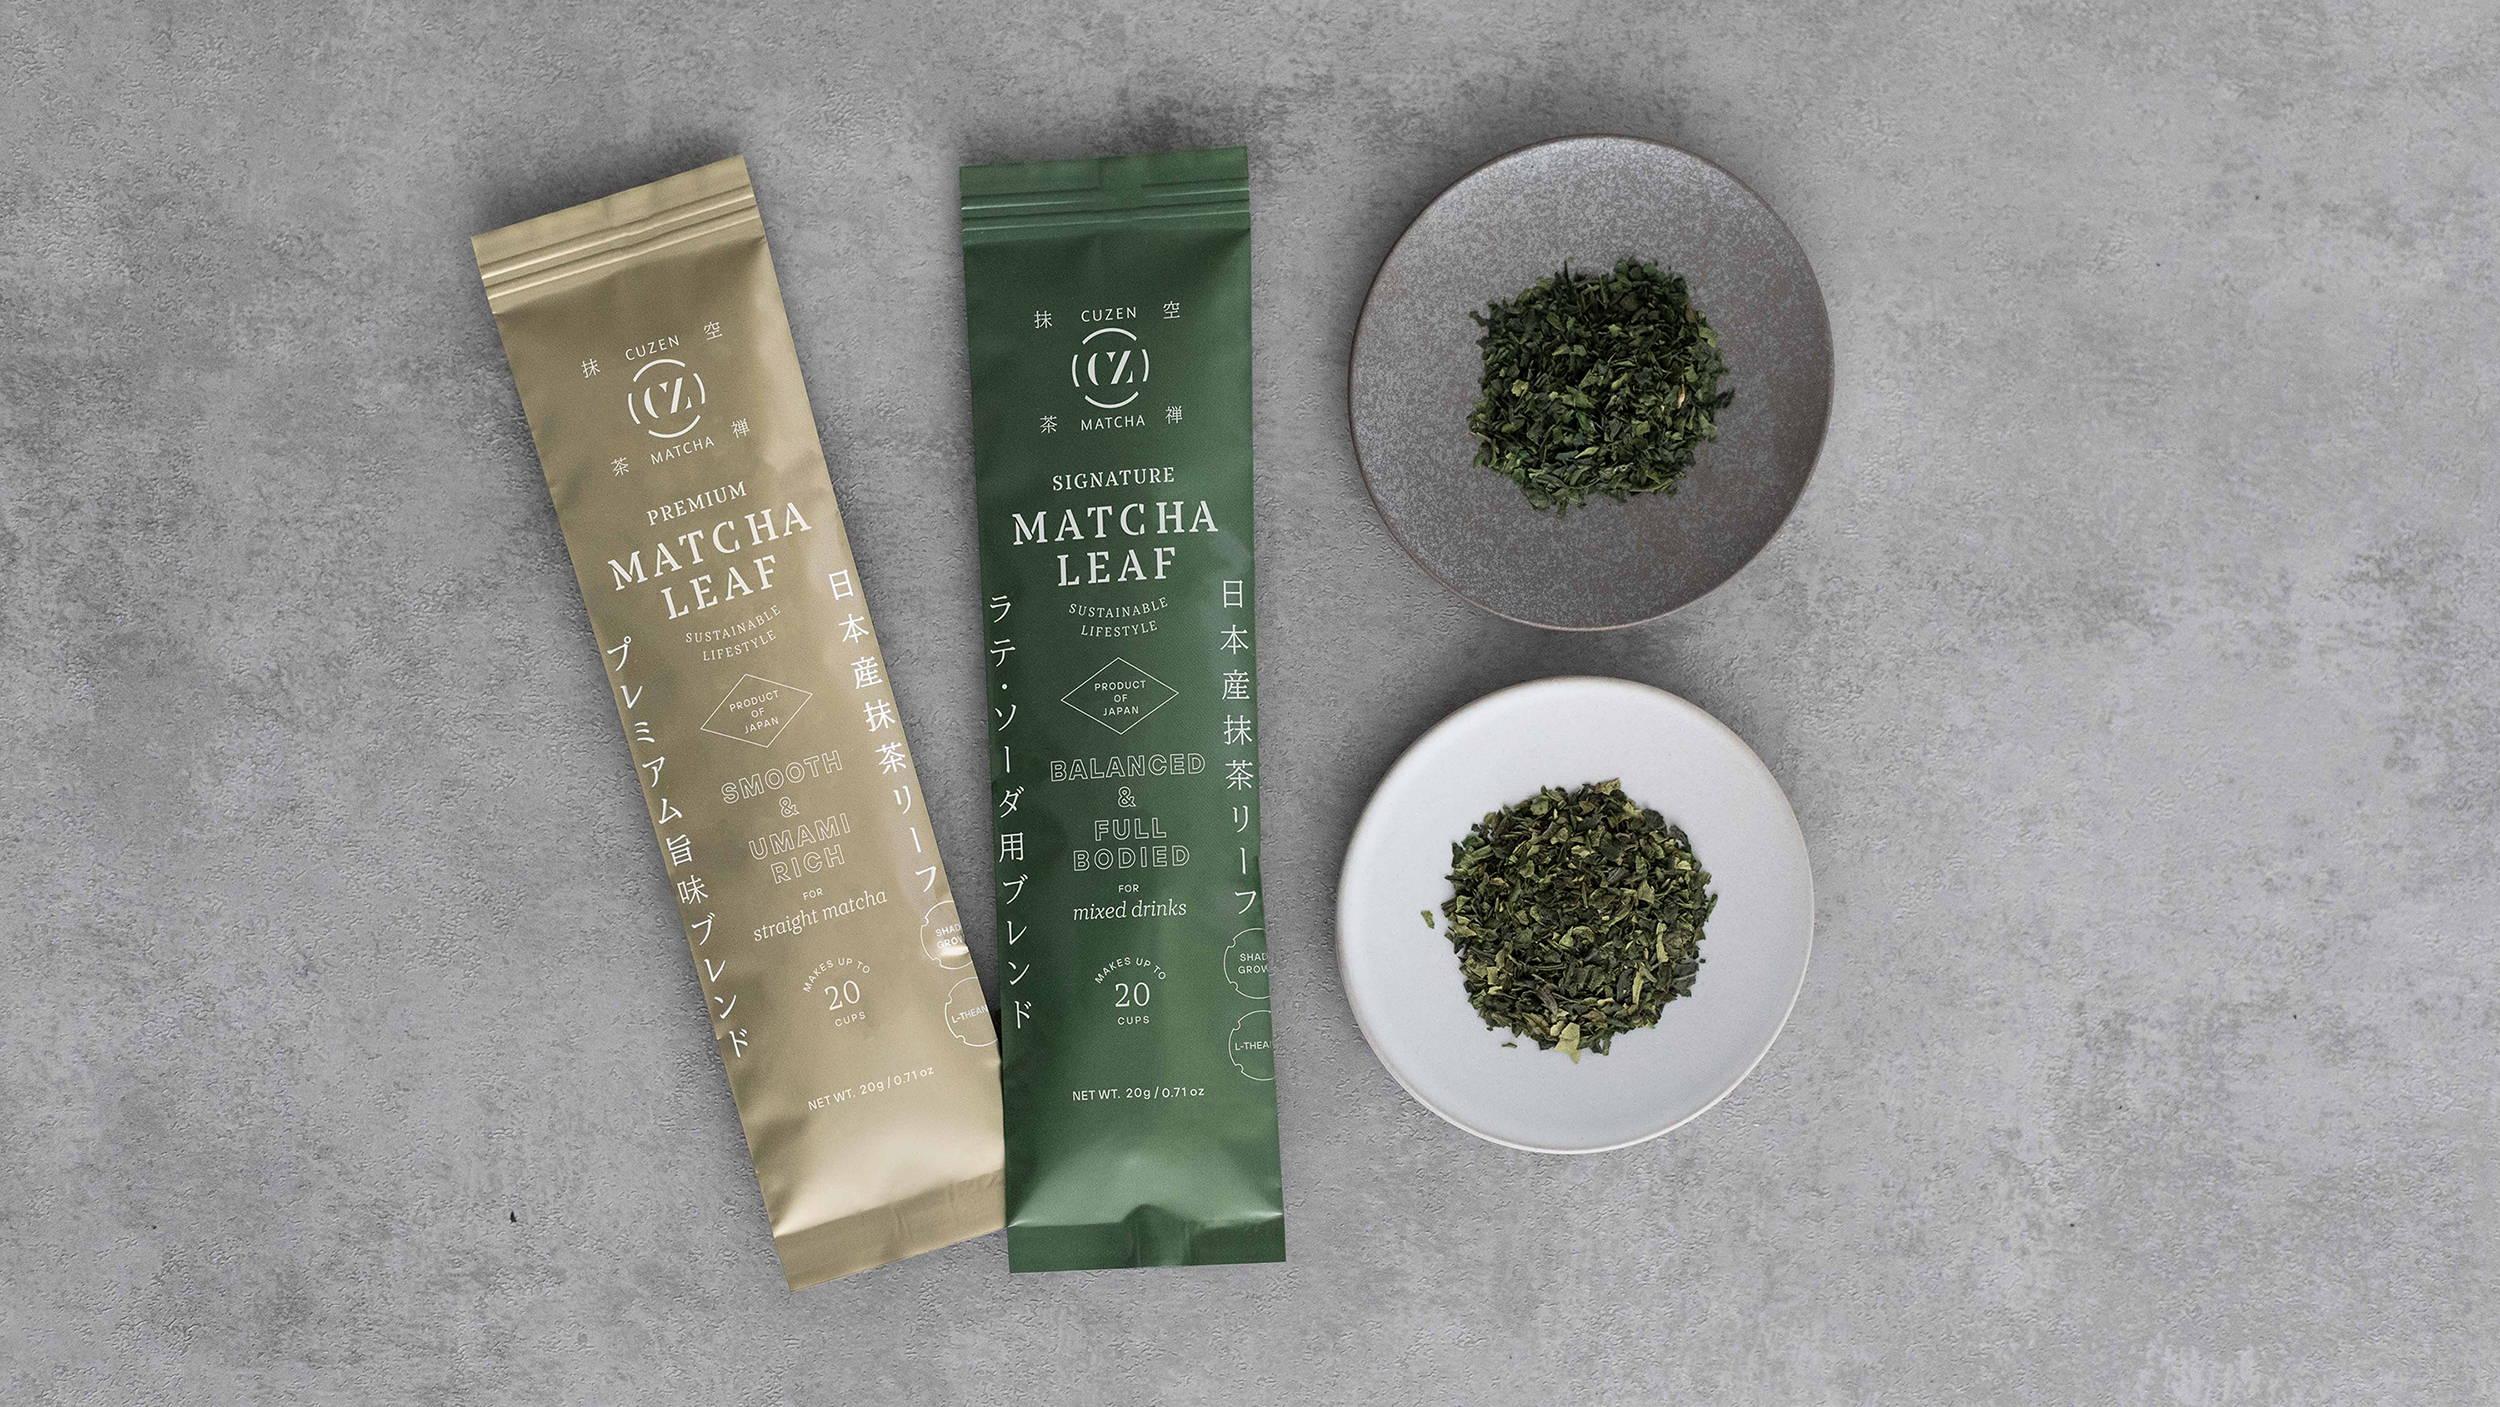 Japanese matcha tea leaves | Premium and Signature